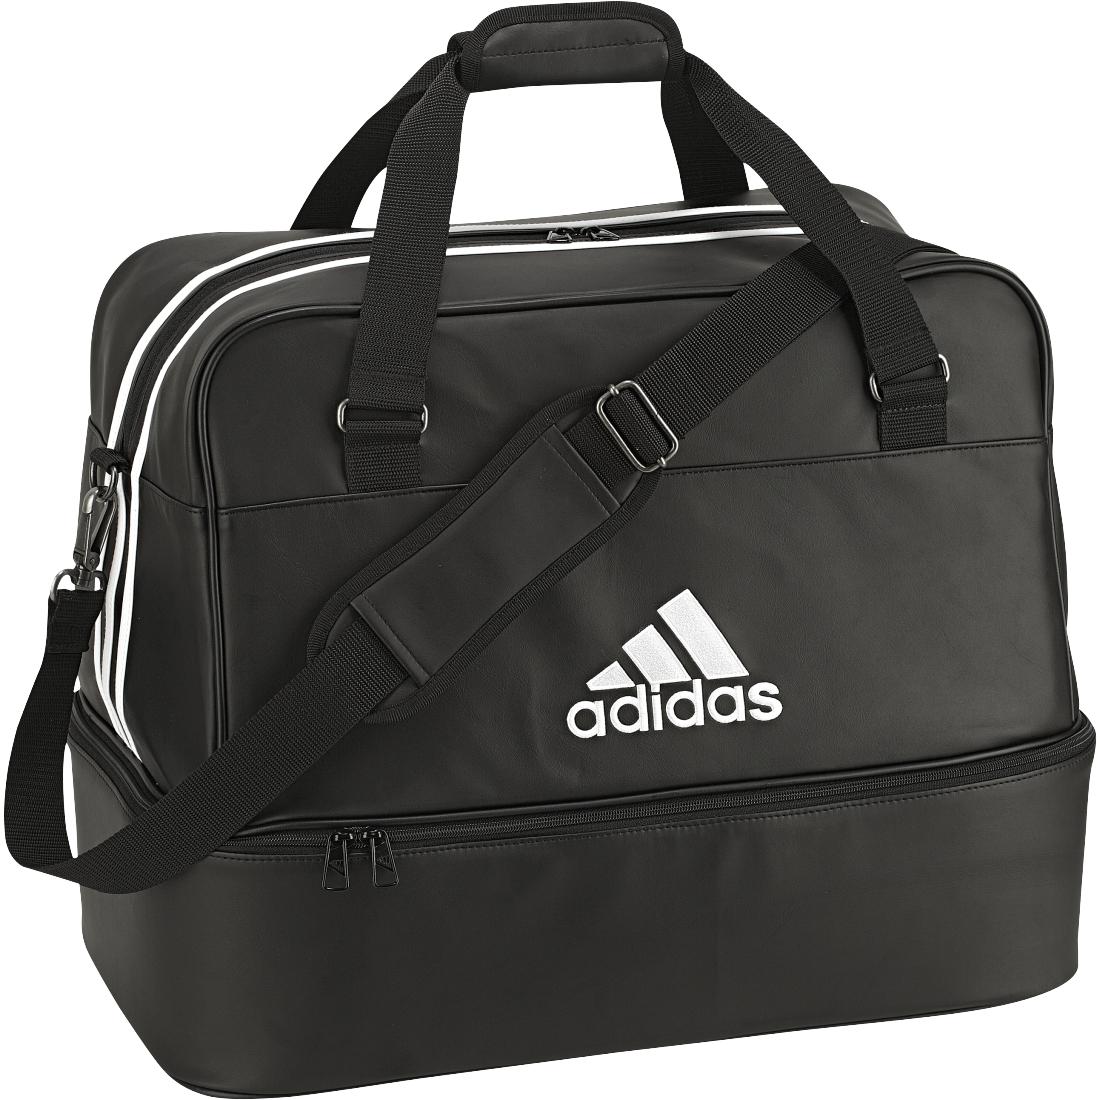 Image of   Adidas PU Teambag i large